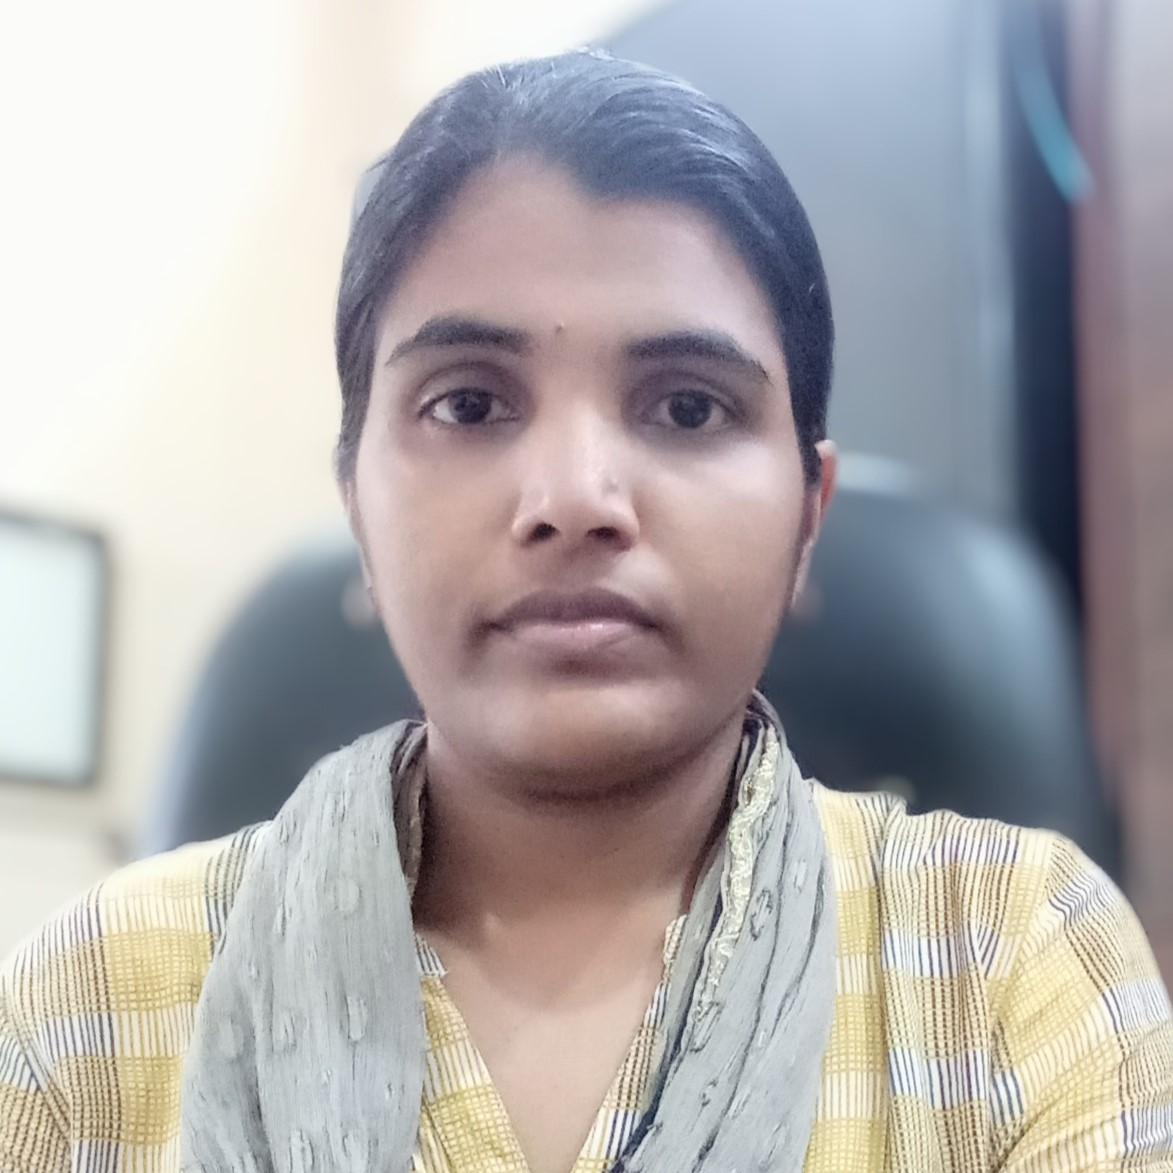 Priya Rose